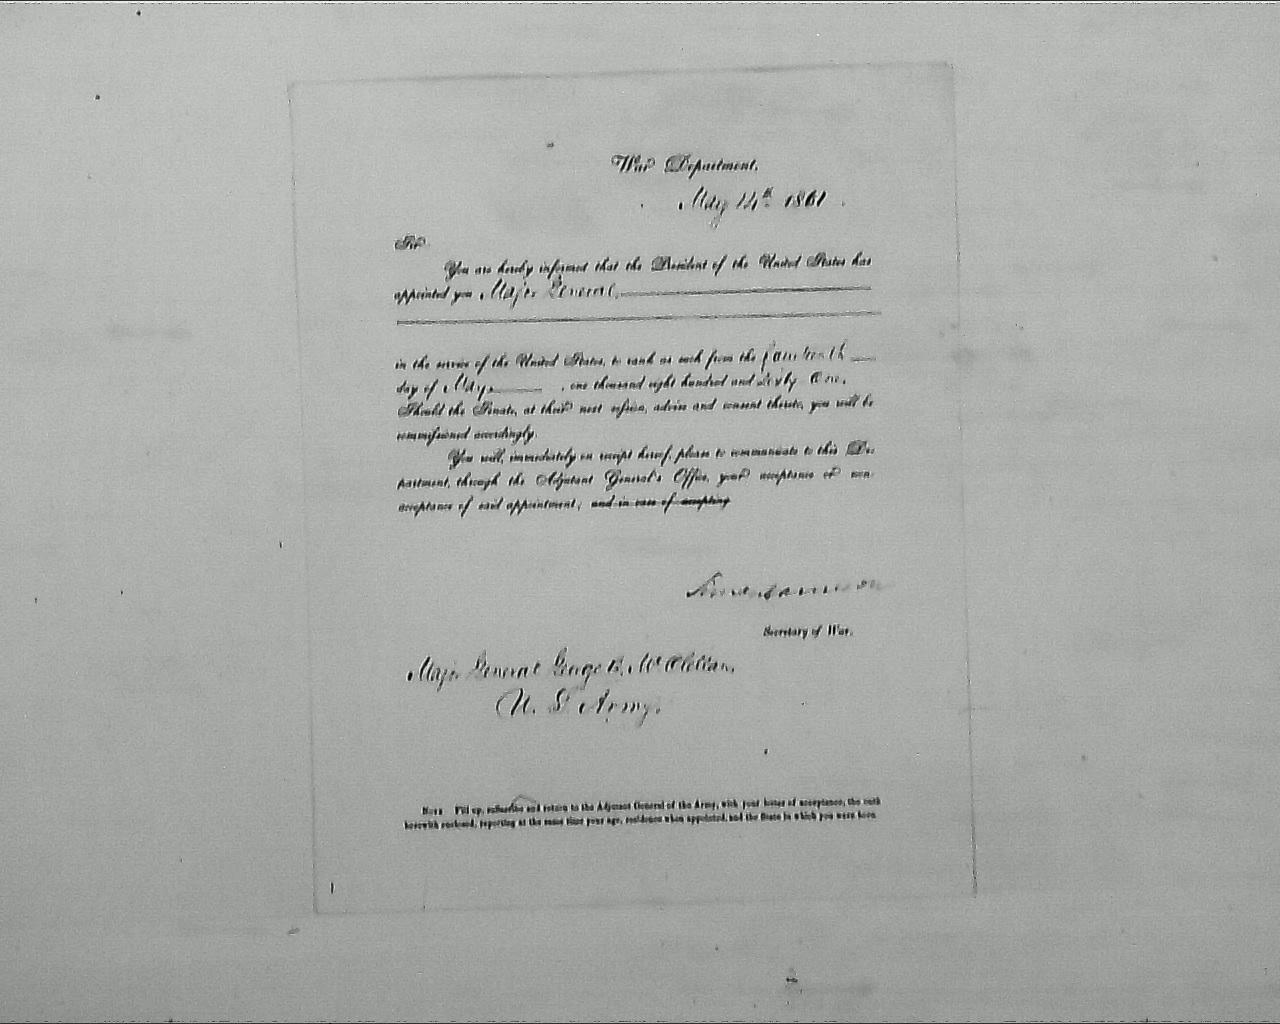 McClellanApptasMajGen1861